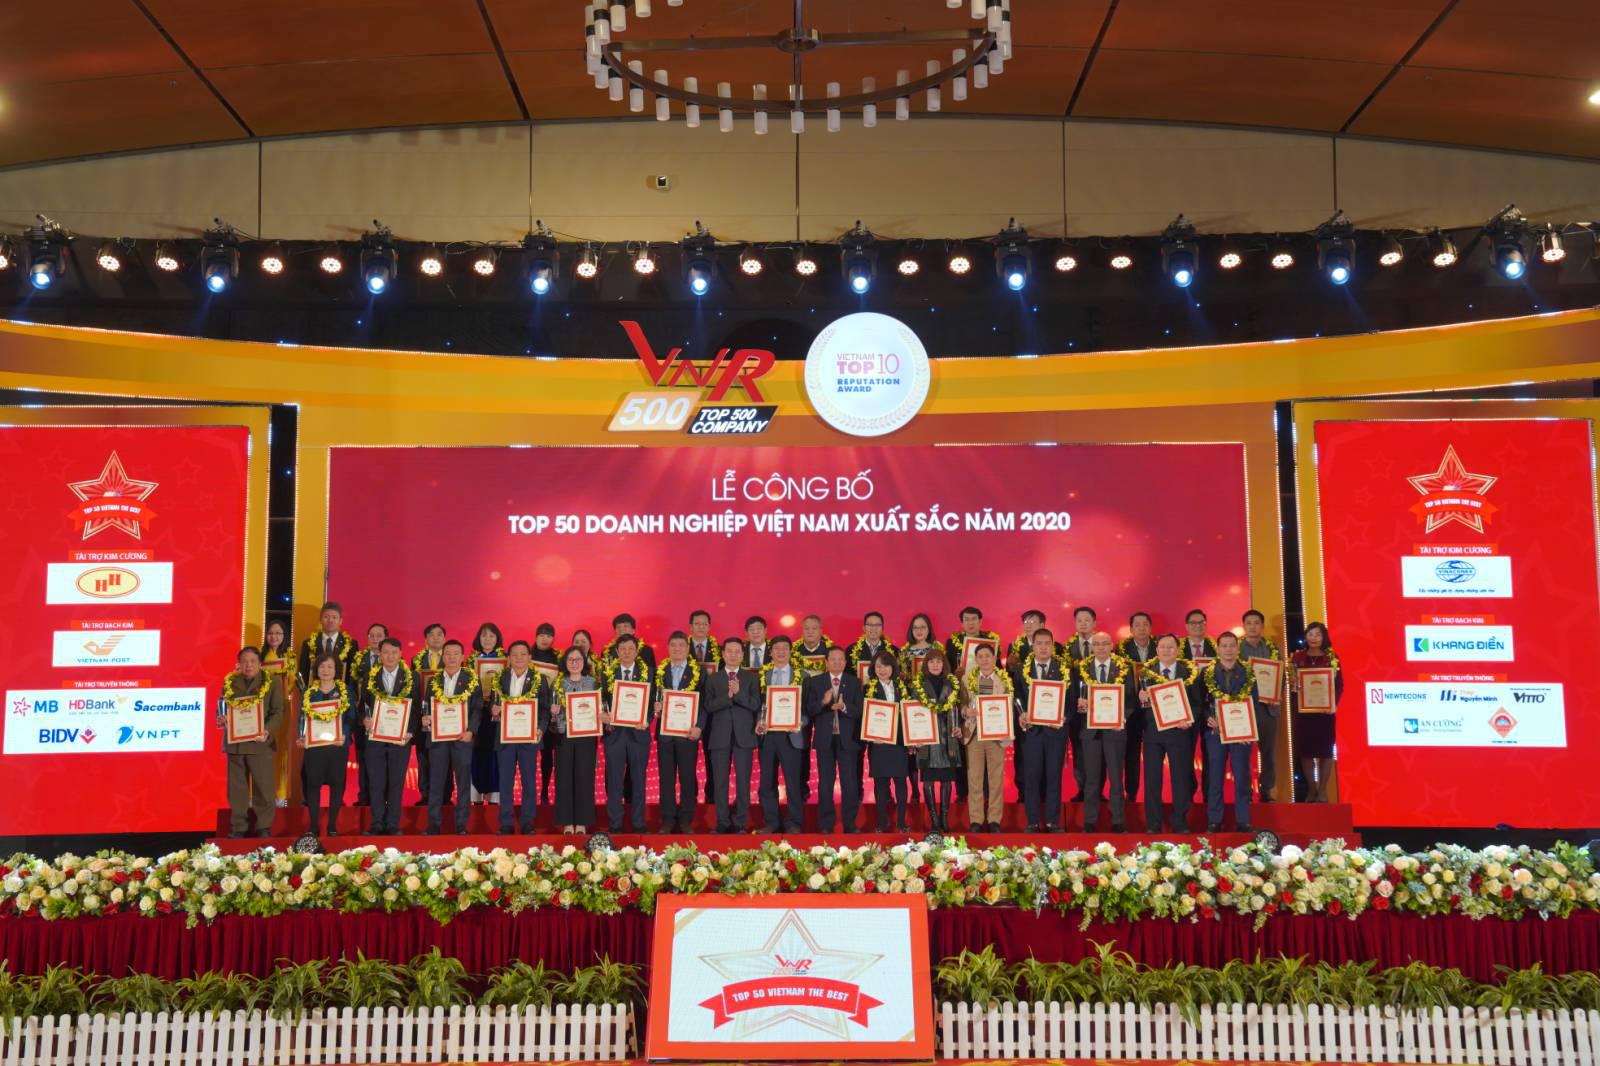 TC MOTOR xếp 12 trên bảng xếp hạng Top 500 Doanh nghiệp tư nhân lớn nhất Việt Nam - Ảnh 2.